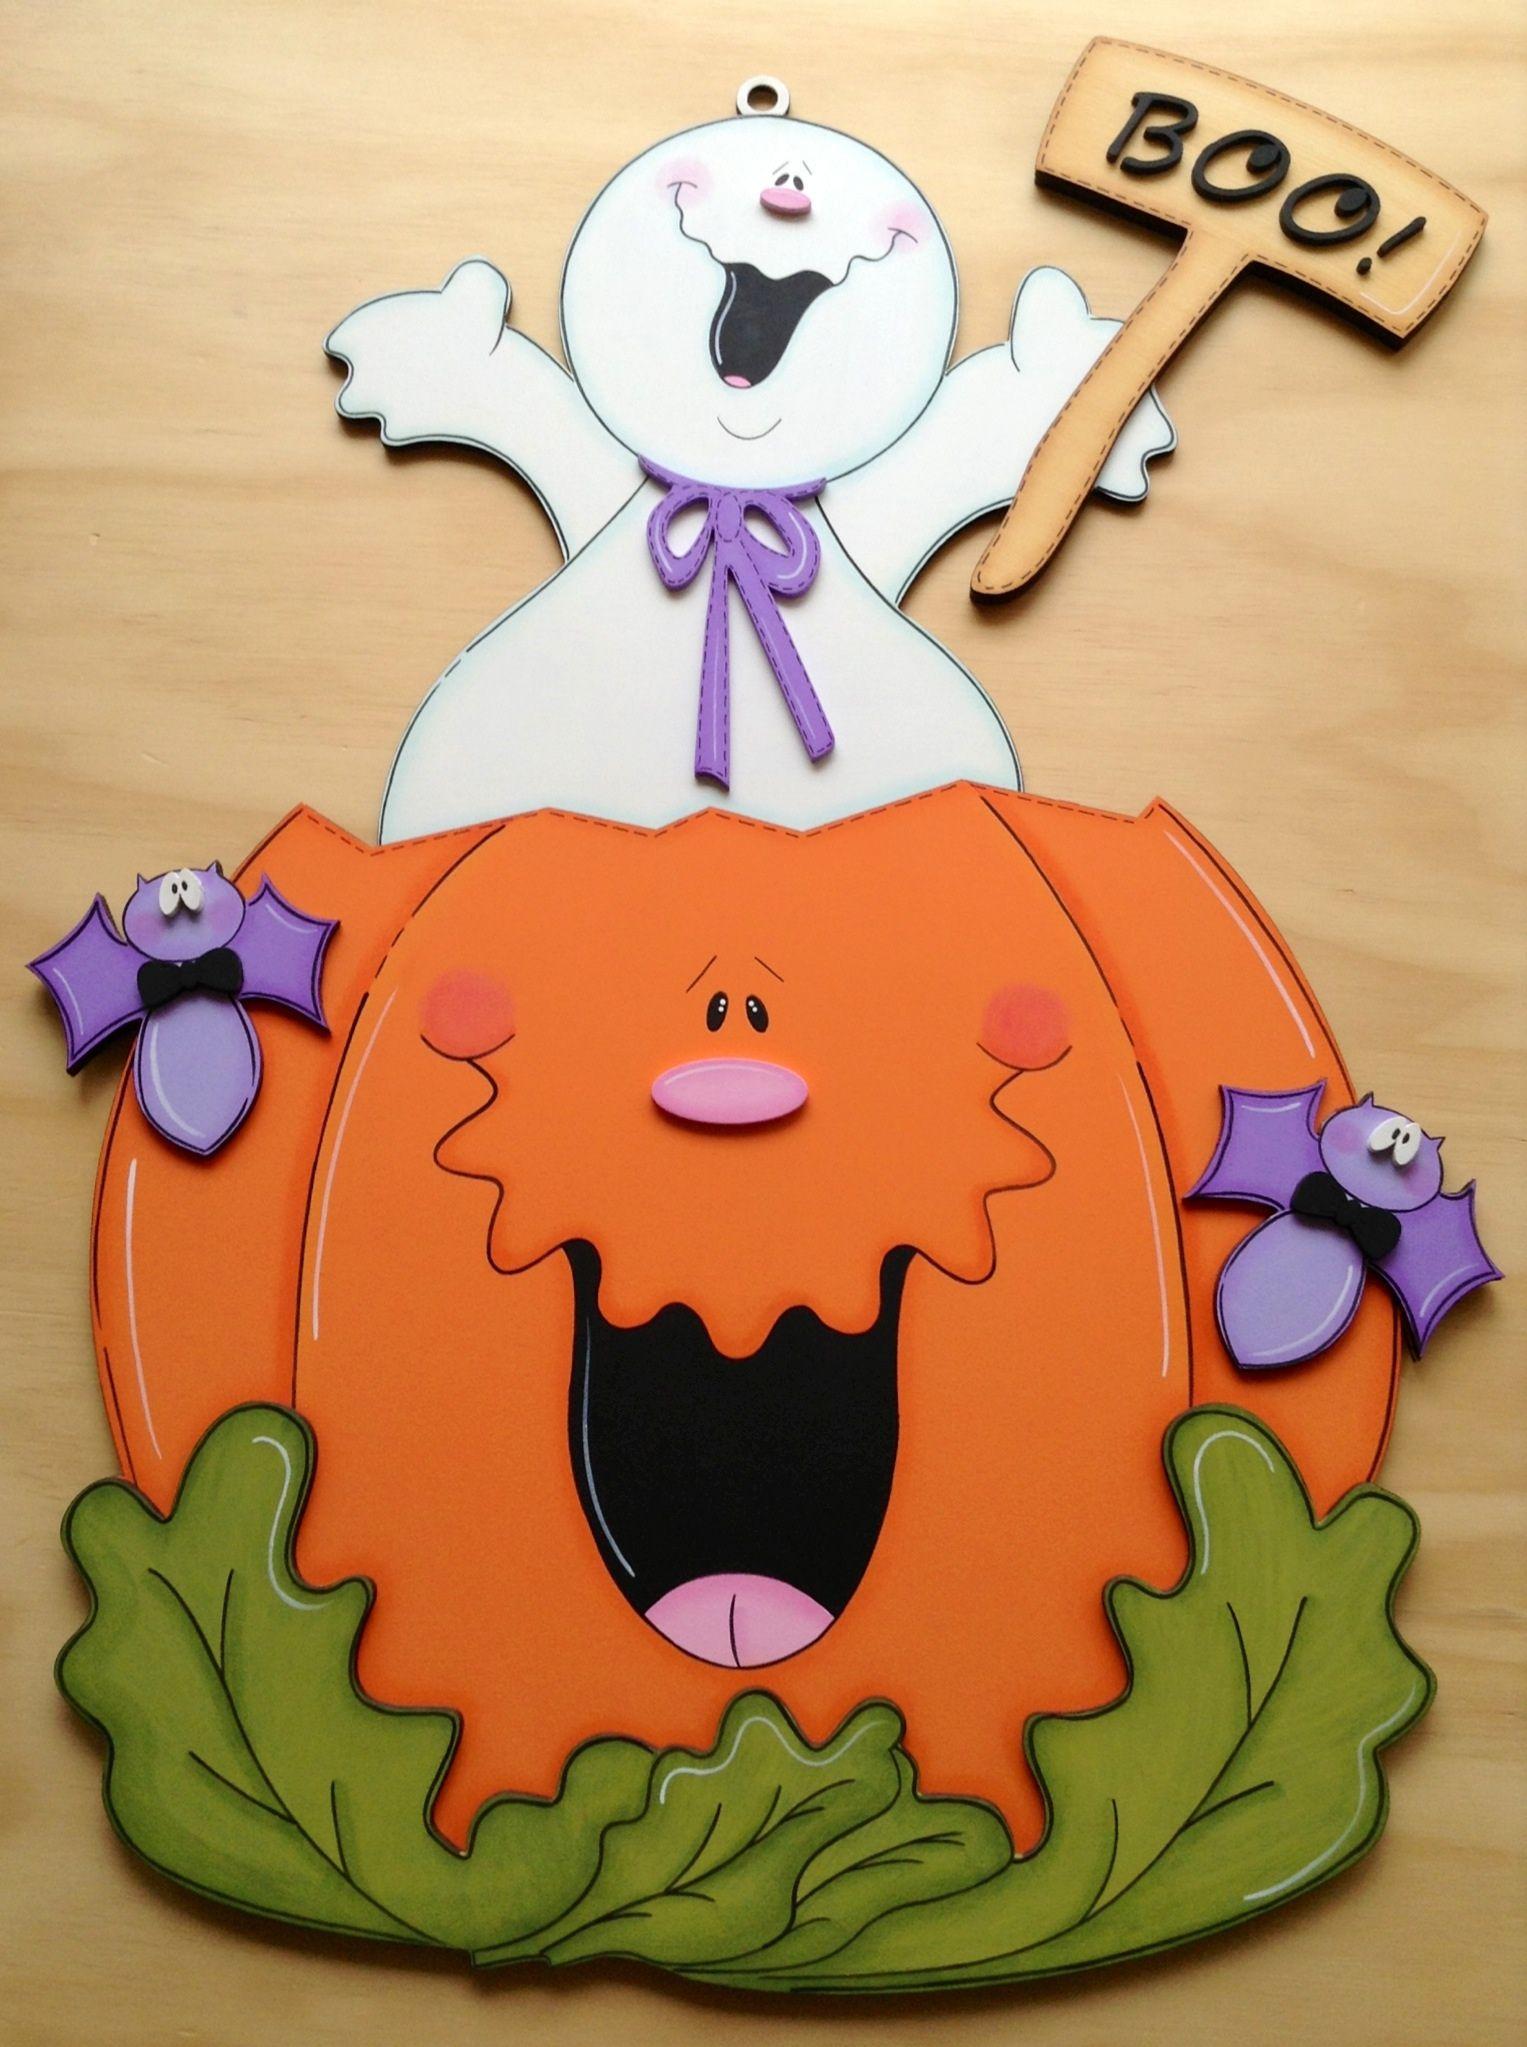 Calabaza con fantasma boo halloween pinterest - Calabazas para halloween manualidades ...